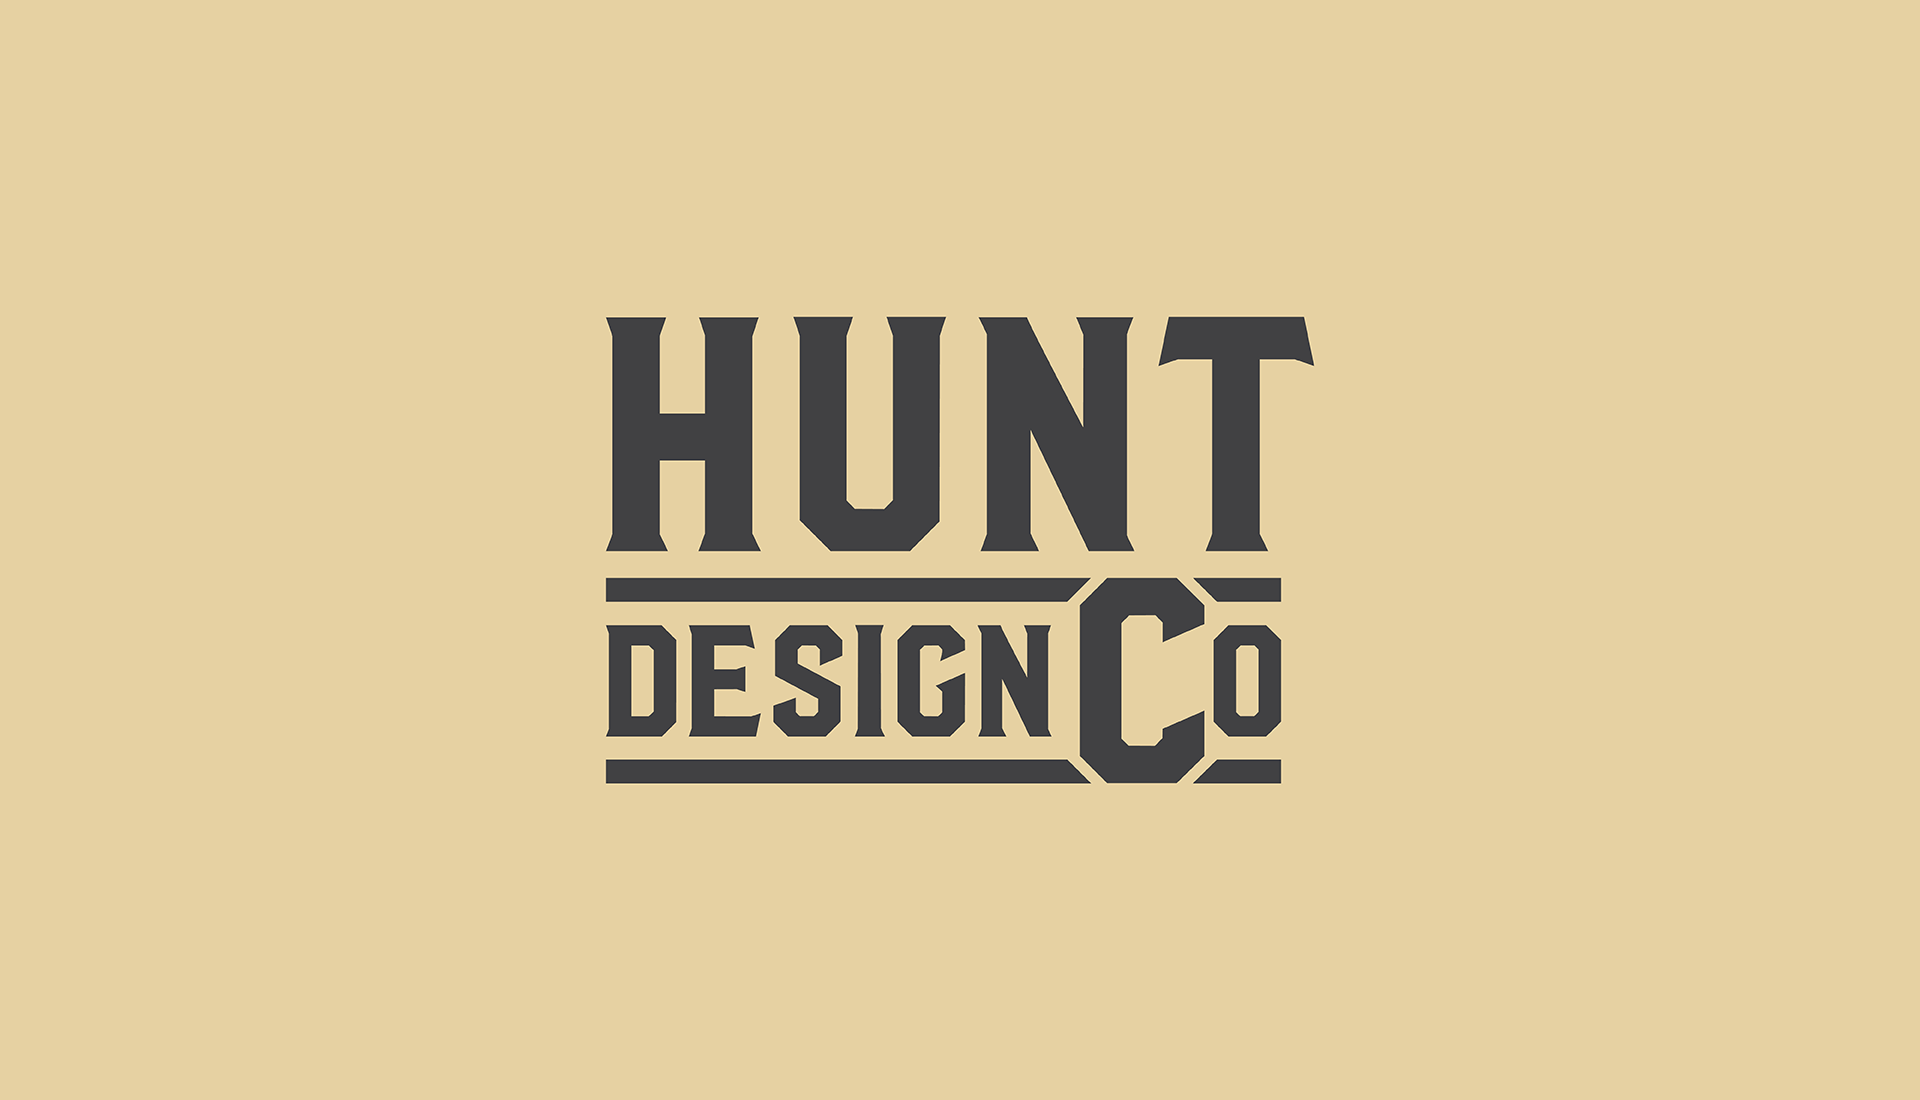 Hunt Design Co.   Logo Design Concept 1